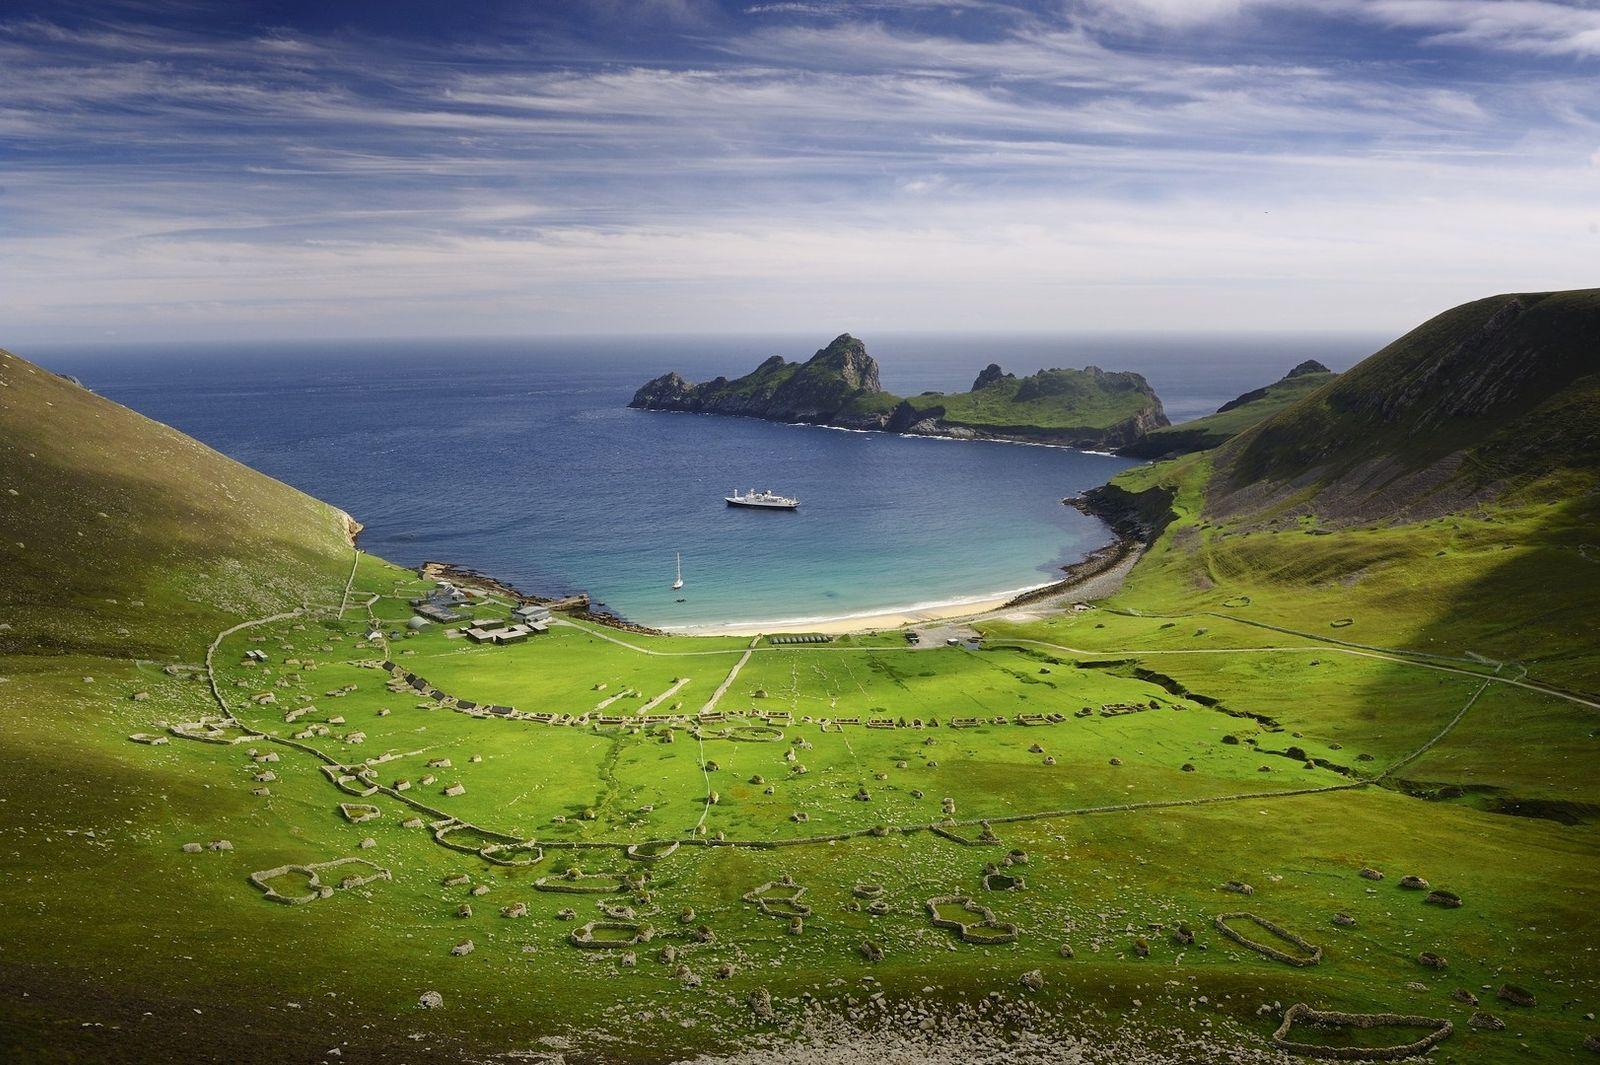 St. Klida ist eine Inselgruppe rund 65 Kilometer westlich der Äußeren Hebriden vor der Nordwestküste Schottlands. ...